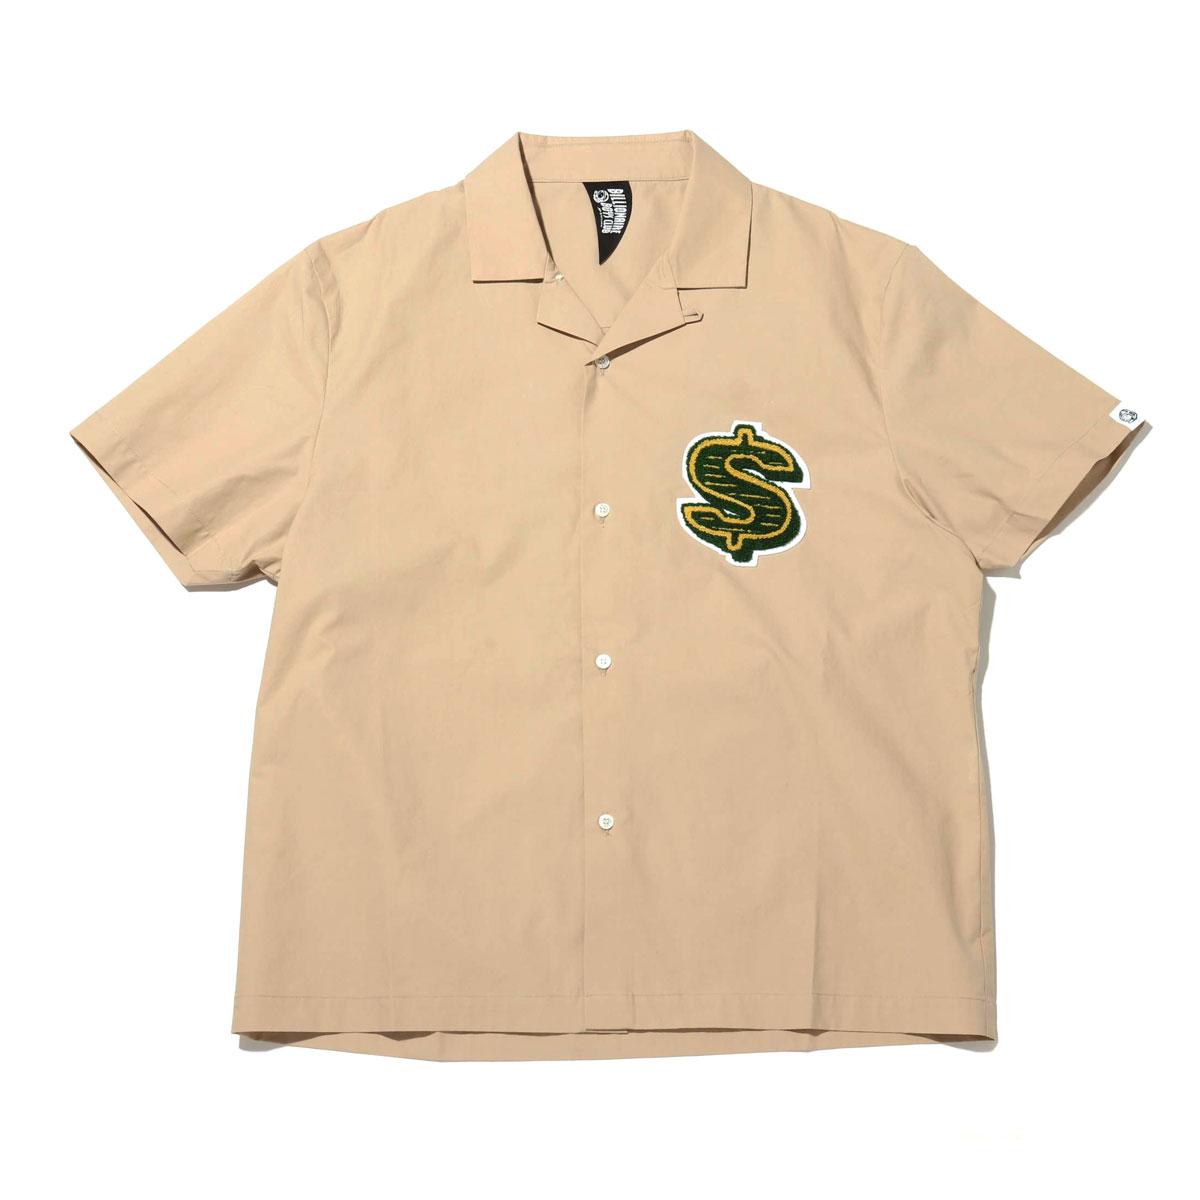 BILLIONAIRE BOYS CLUB CHENILL PATCH DOLLAR S/S OPEN COLLAR SHIRT(BEIGE)(ビリオネア ボーイズ クラブ シェニール パッチ ダラー ショートスリーブ オープンカラーシャツ)【メンズ】【シャツ】【20SP-I】